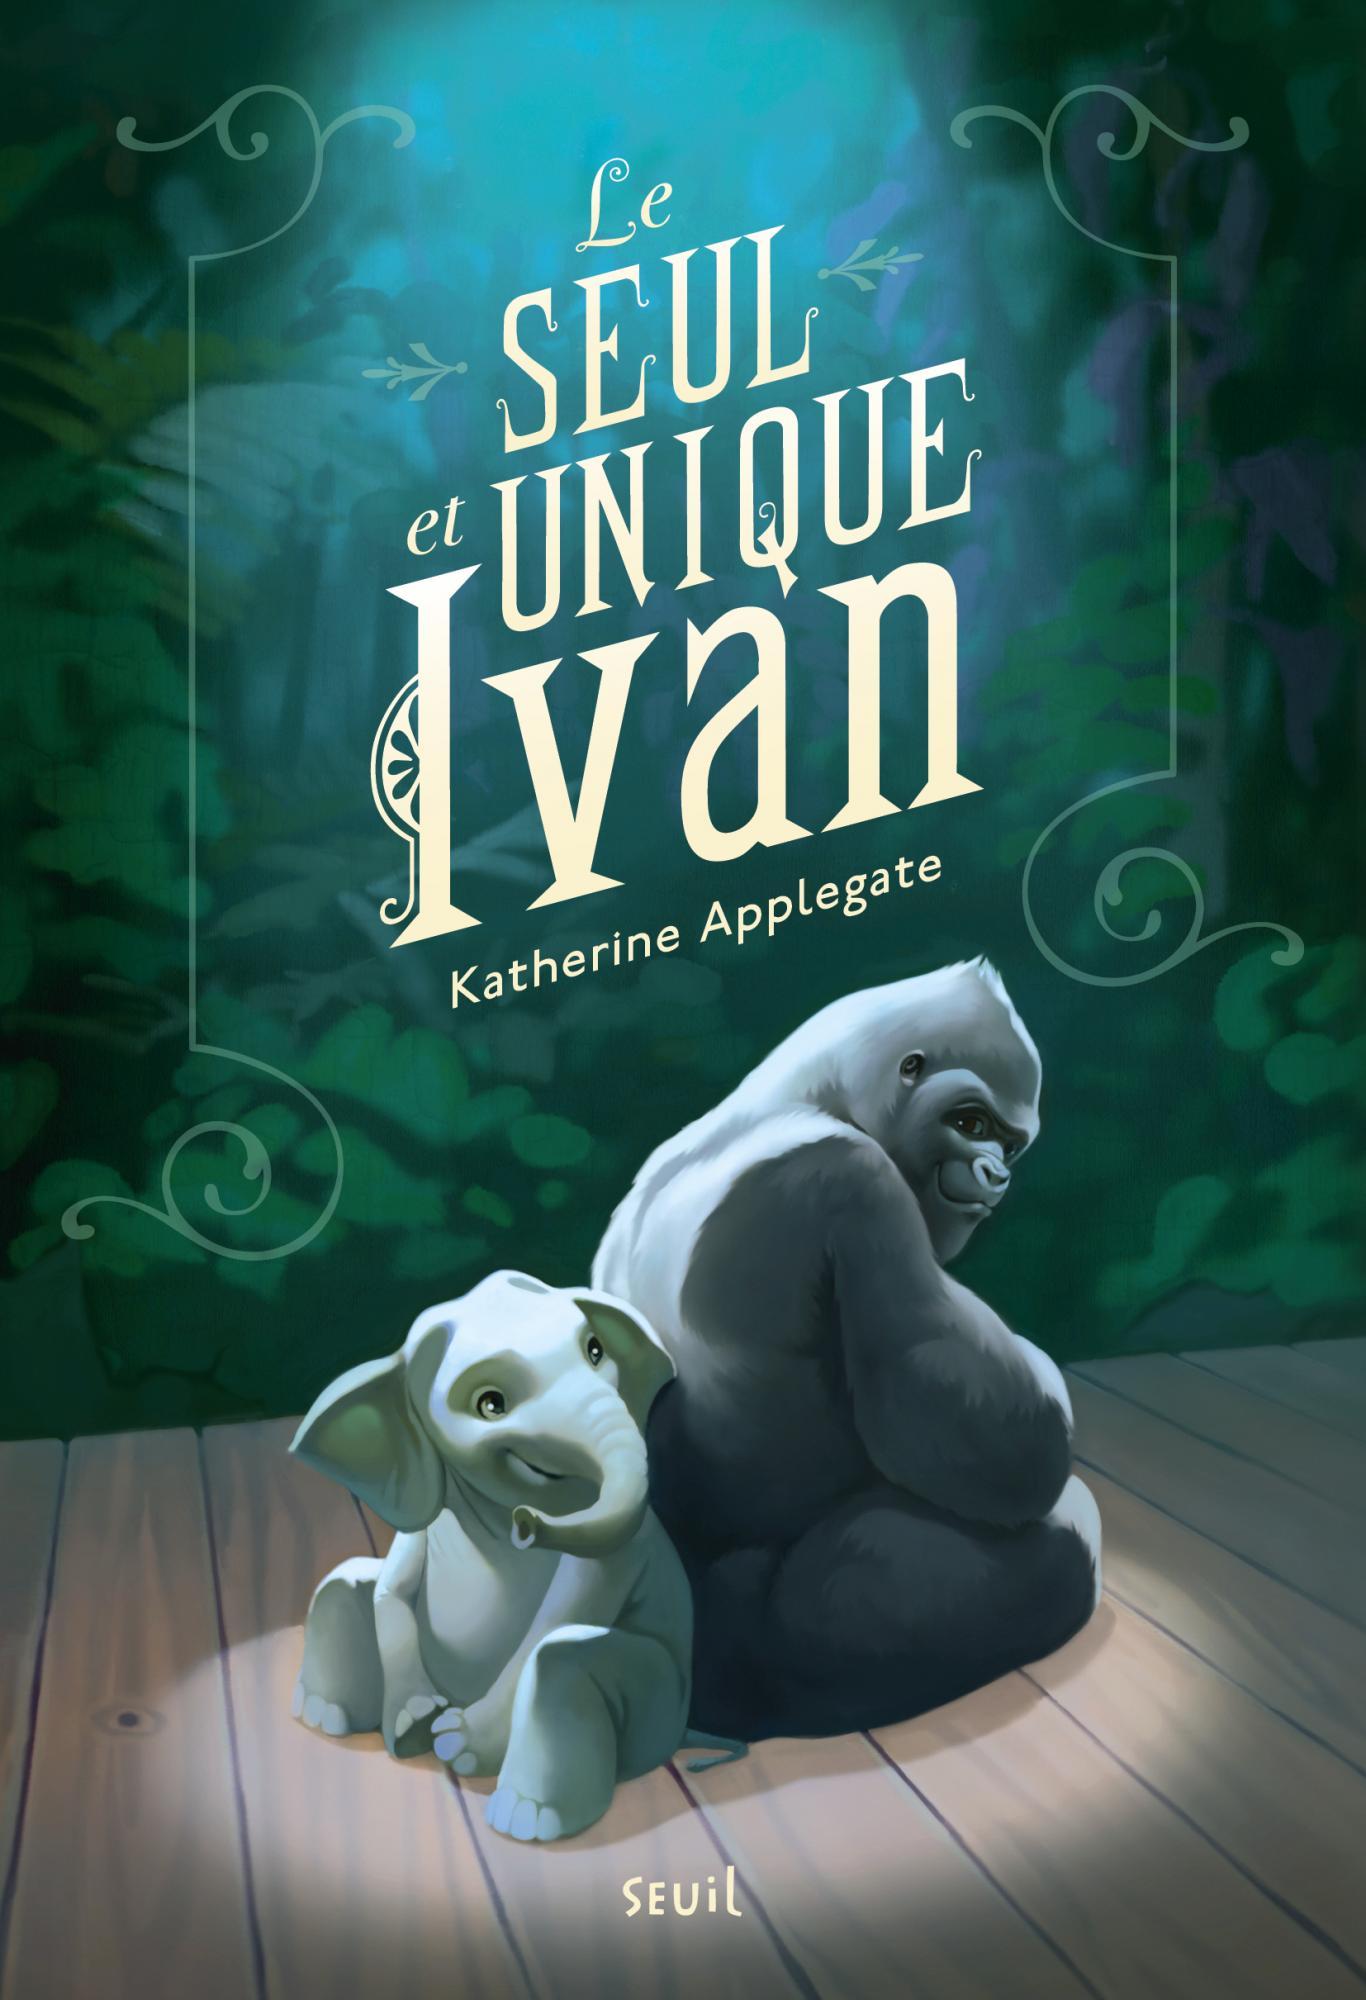 Le seul et unique Ivan, Applegate, Katherine